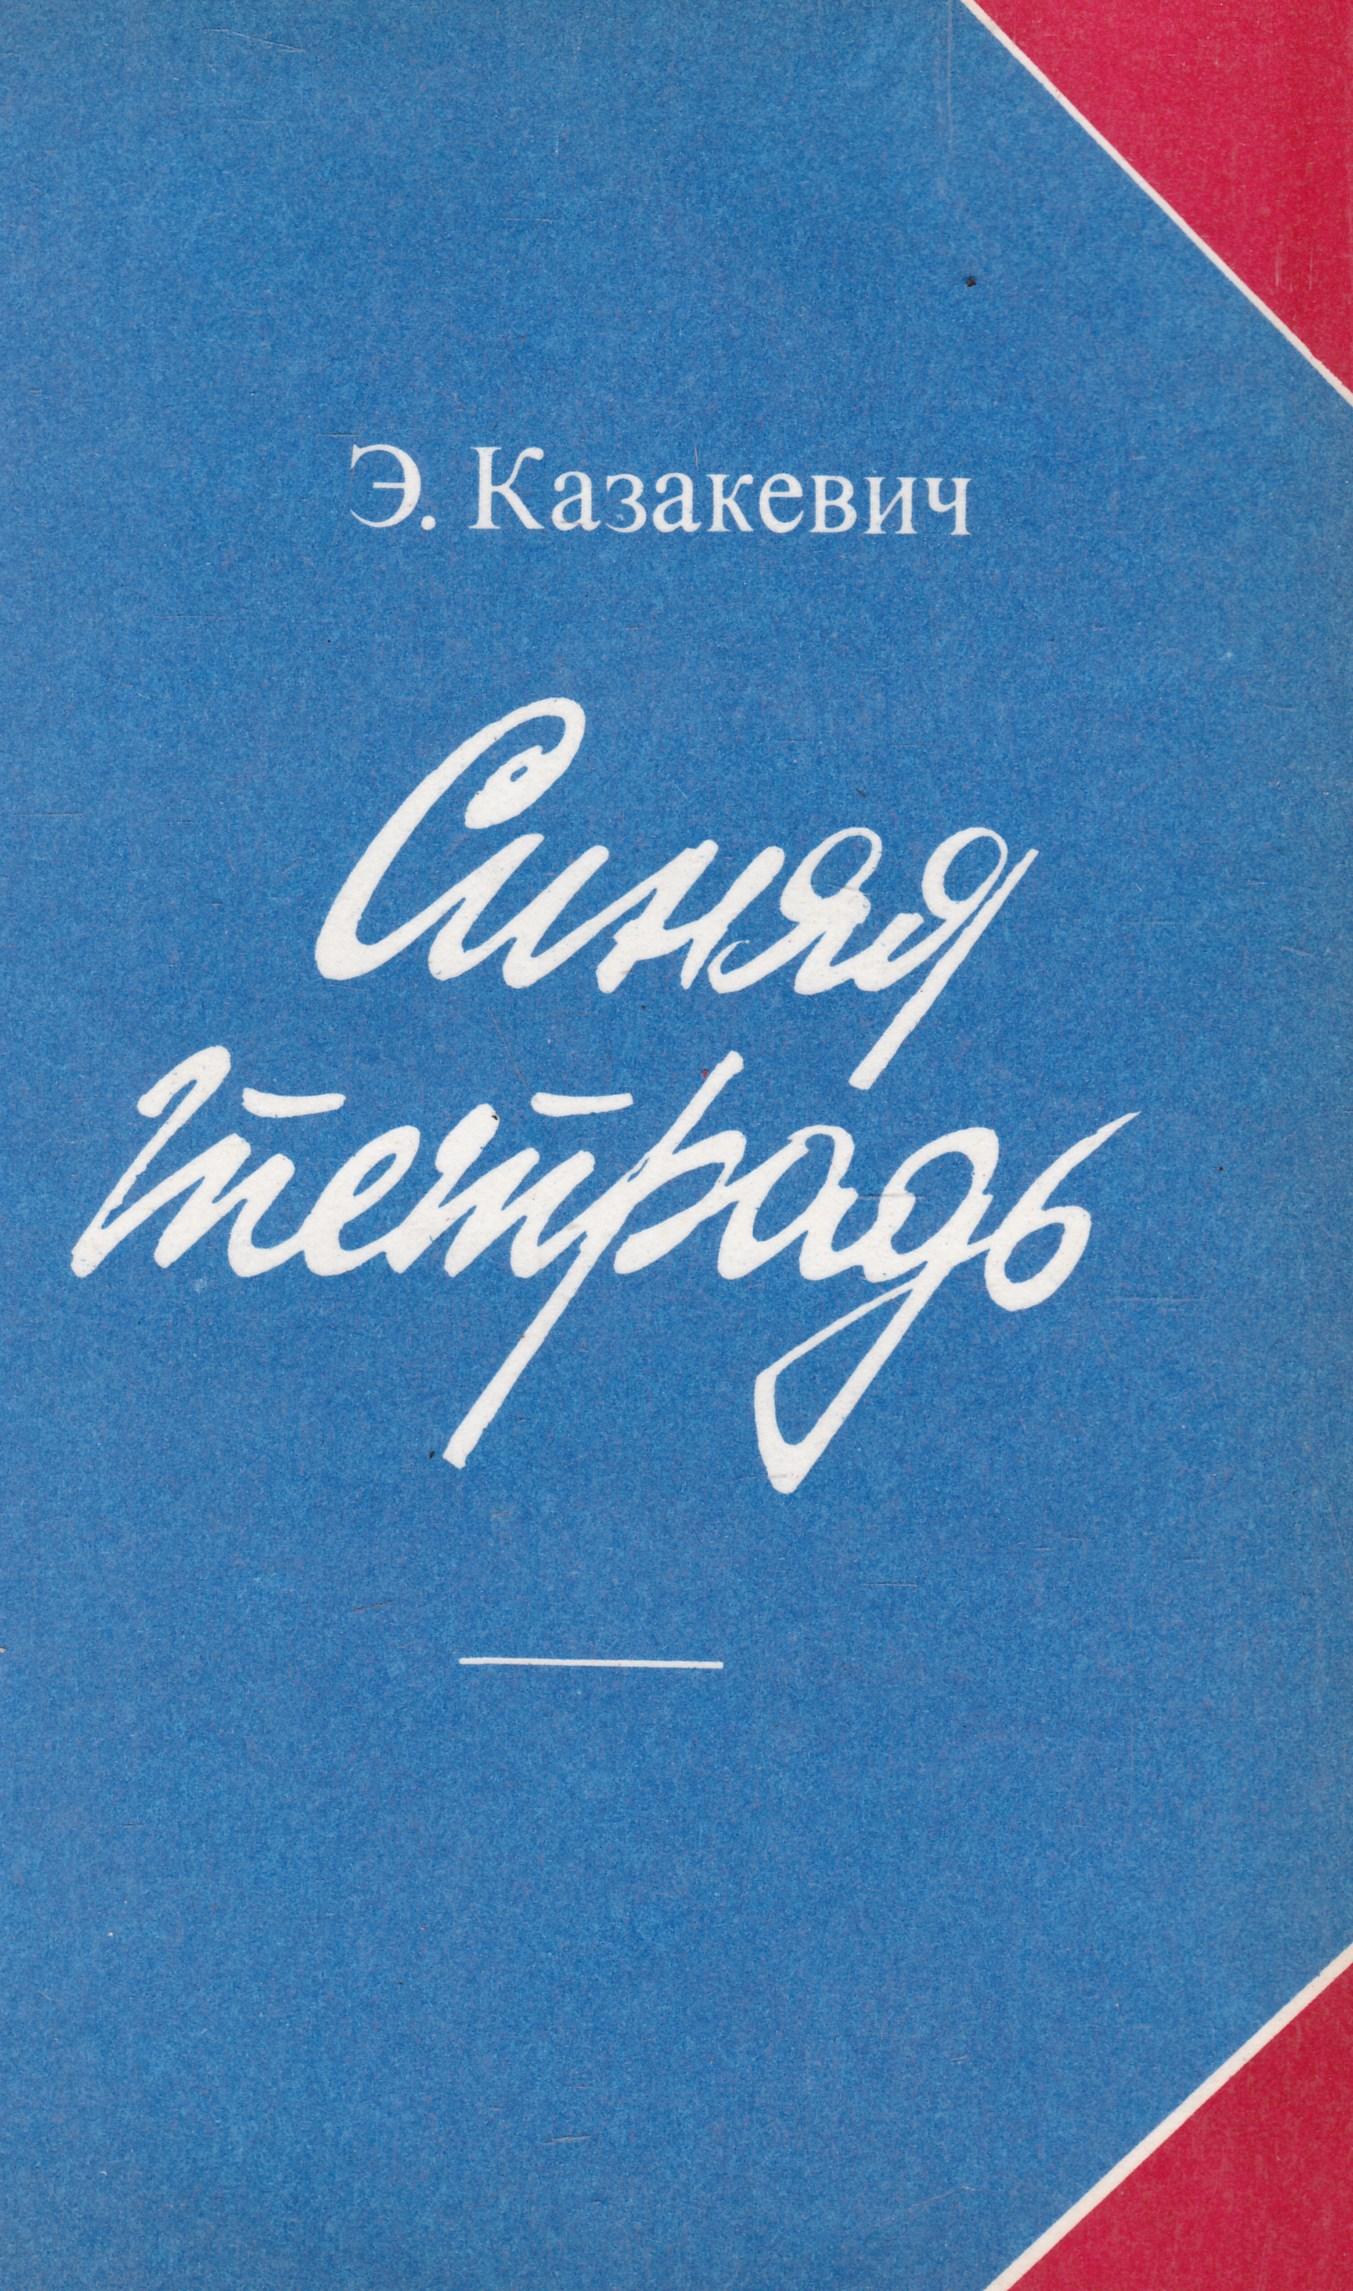 КНИГИ Э.КАЗАКЕВИЧА СКАЧАТЬ БЕСПЛАТНО